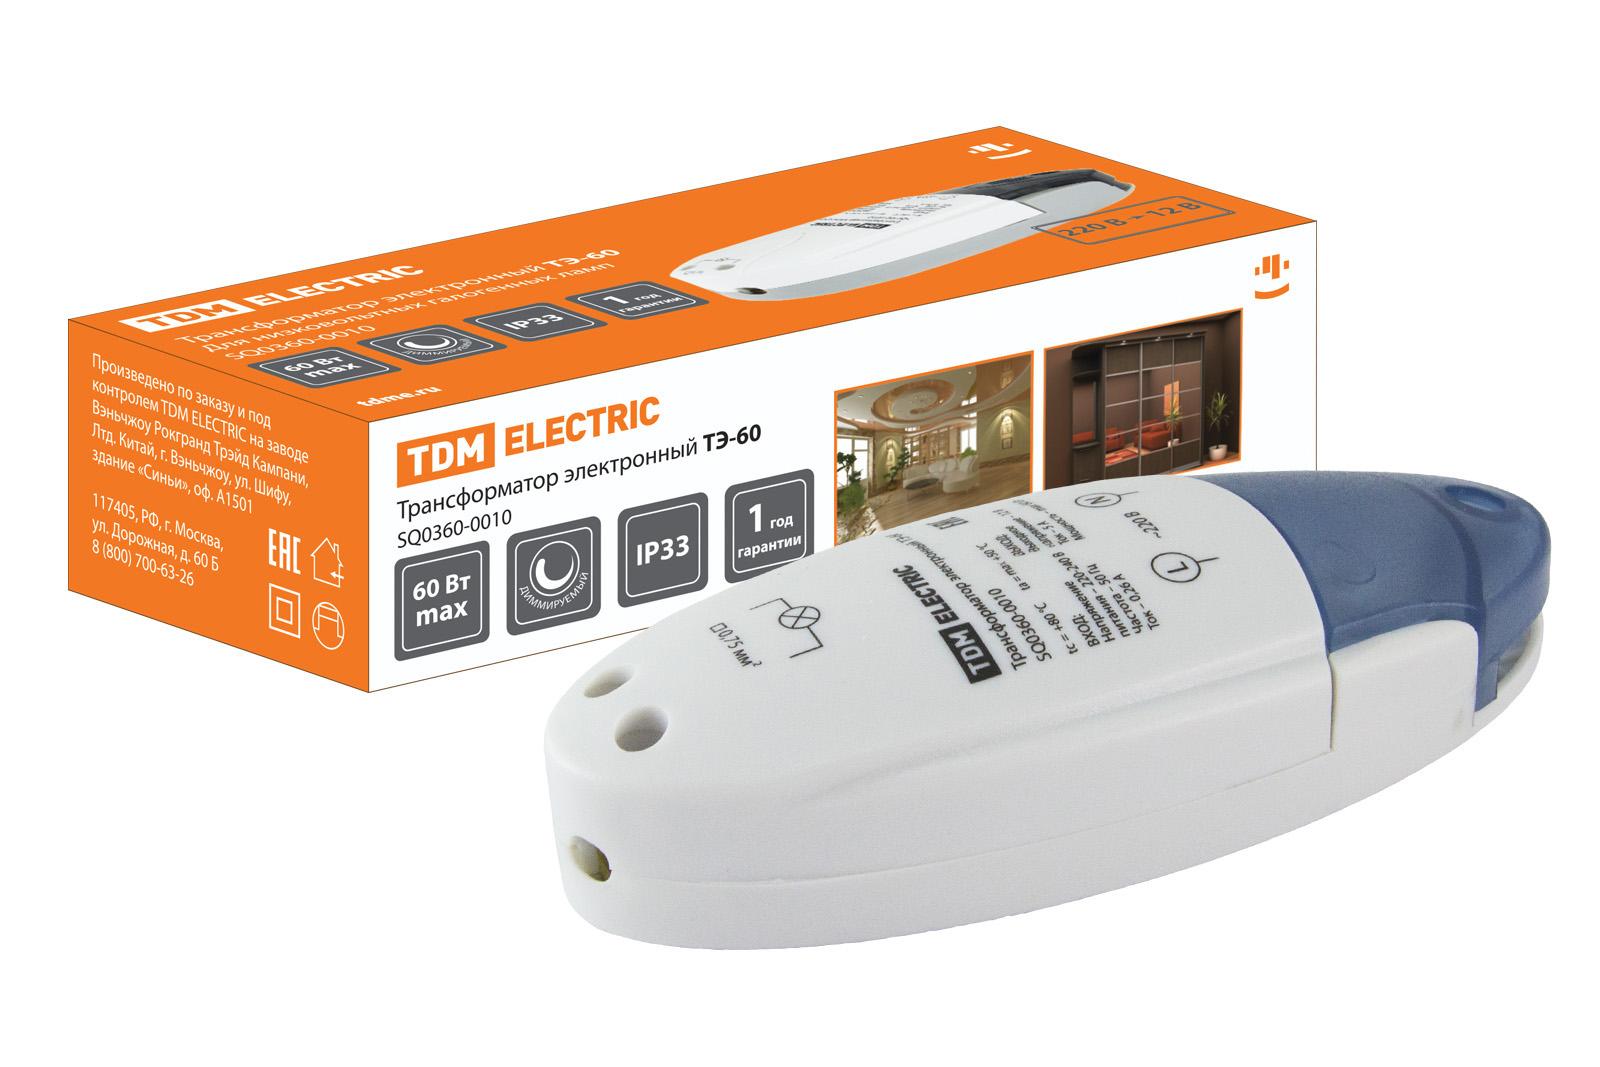 Трансформатор Tdm Sq0360-0010 электронный трансформатор дроссель tdm тэ 150 sq0360 0012